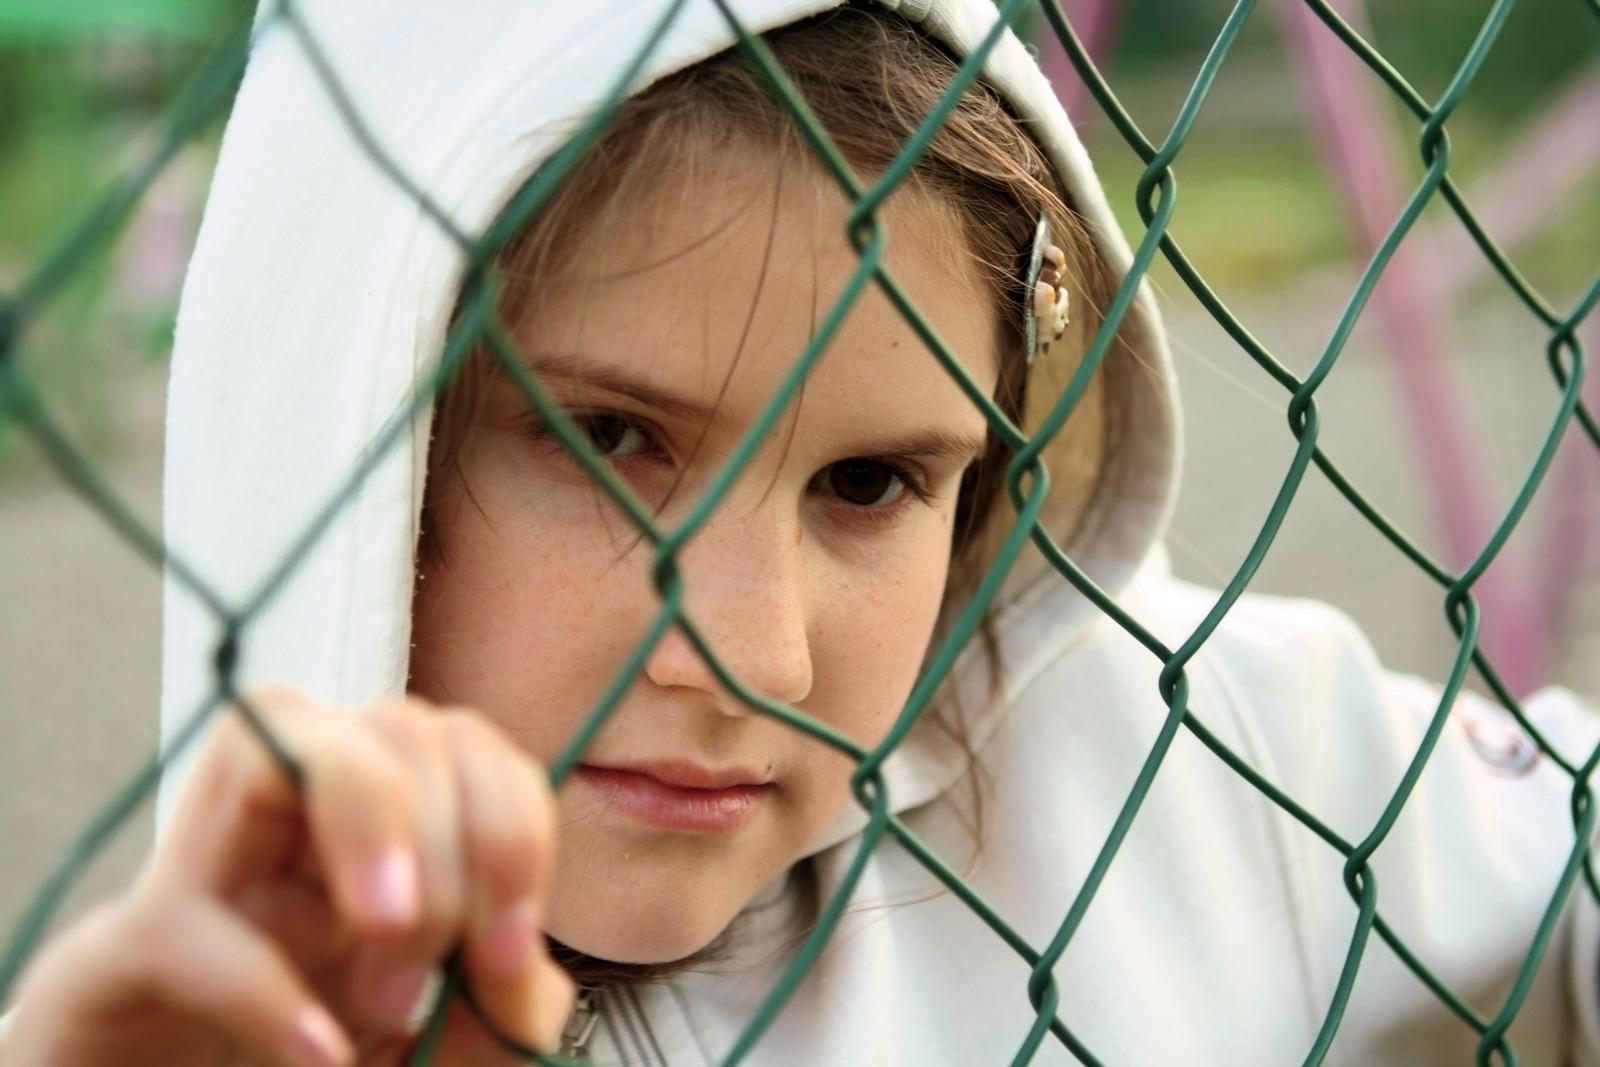 Italia, Povertà minorile: Save the Children, 1 milione e 131 mila minori vivono in povertà assoluta